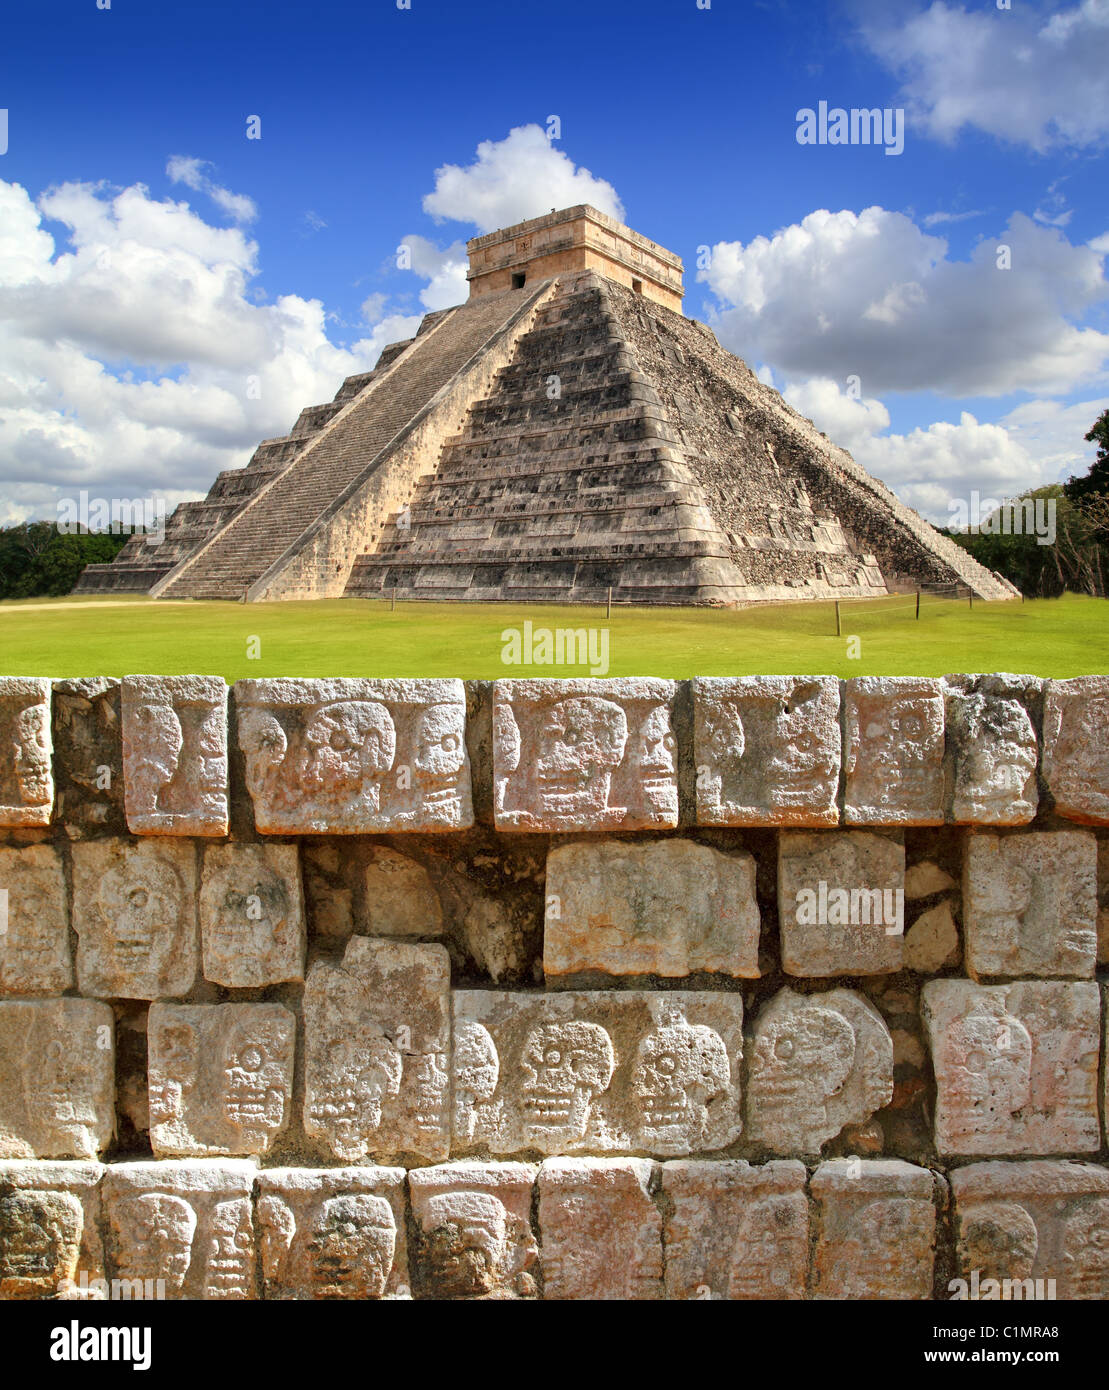 Chichen Itza Tzompantli il muro di teschi e Piramide di Kukulkan Immagini Stock